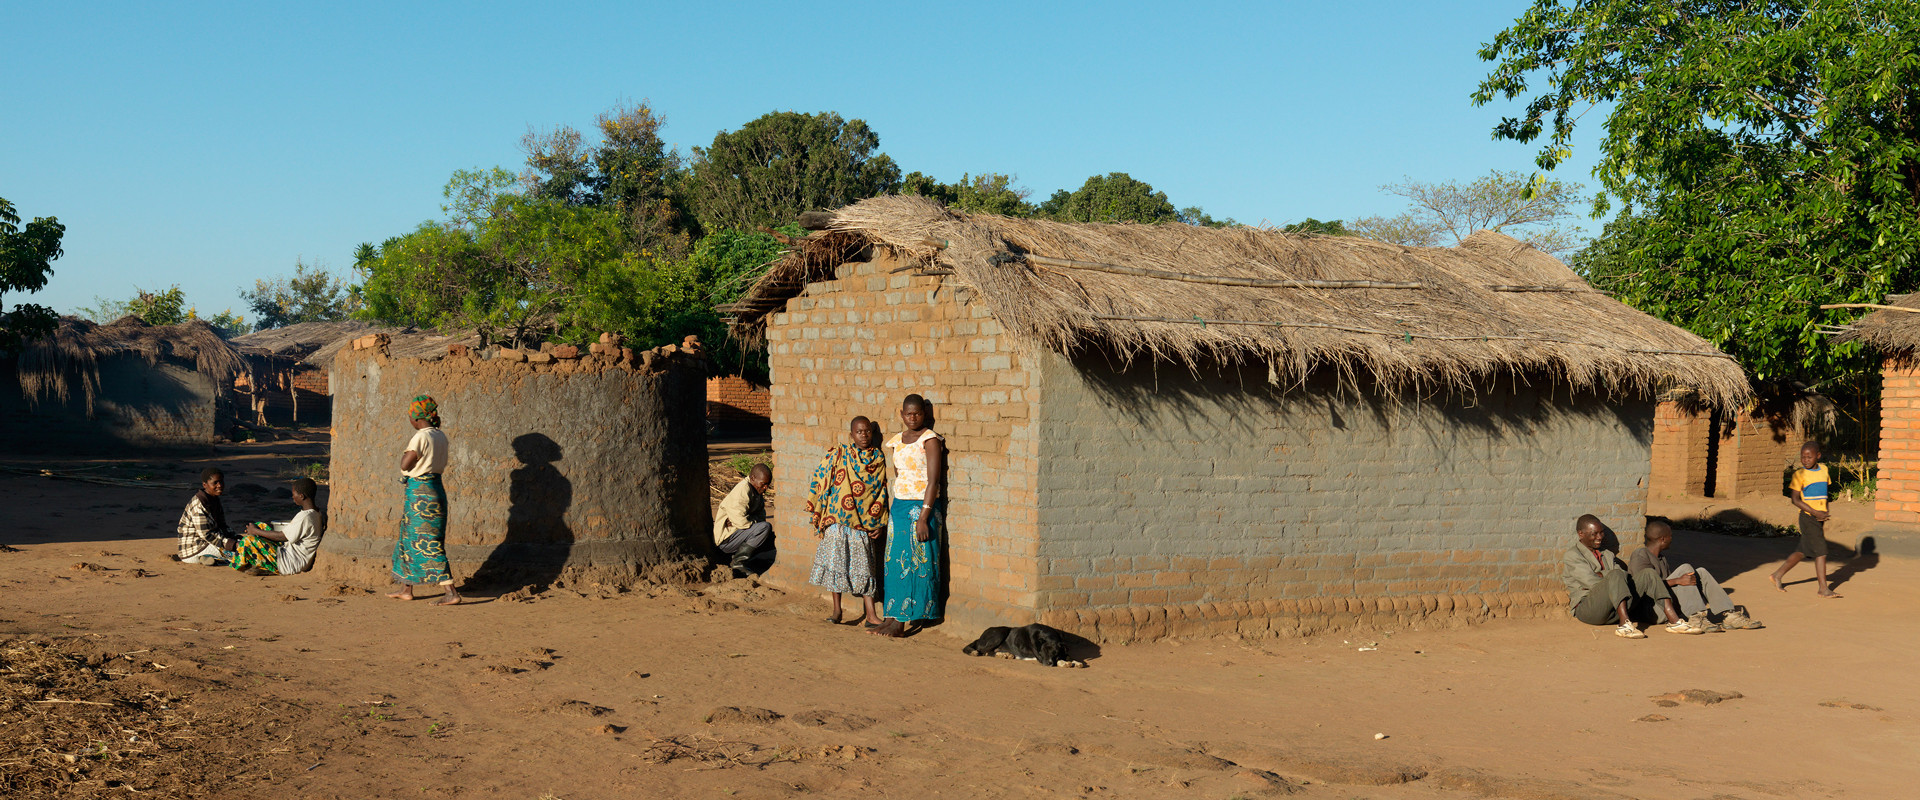 Zo ontsnap je aan armoede in het armste land ter wereld - Kroonluchter pampille huis van de wereld ...